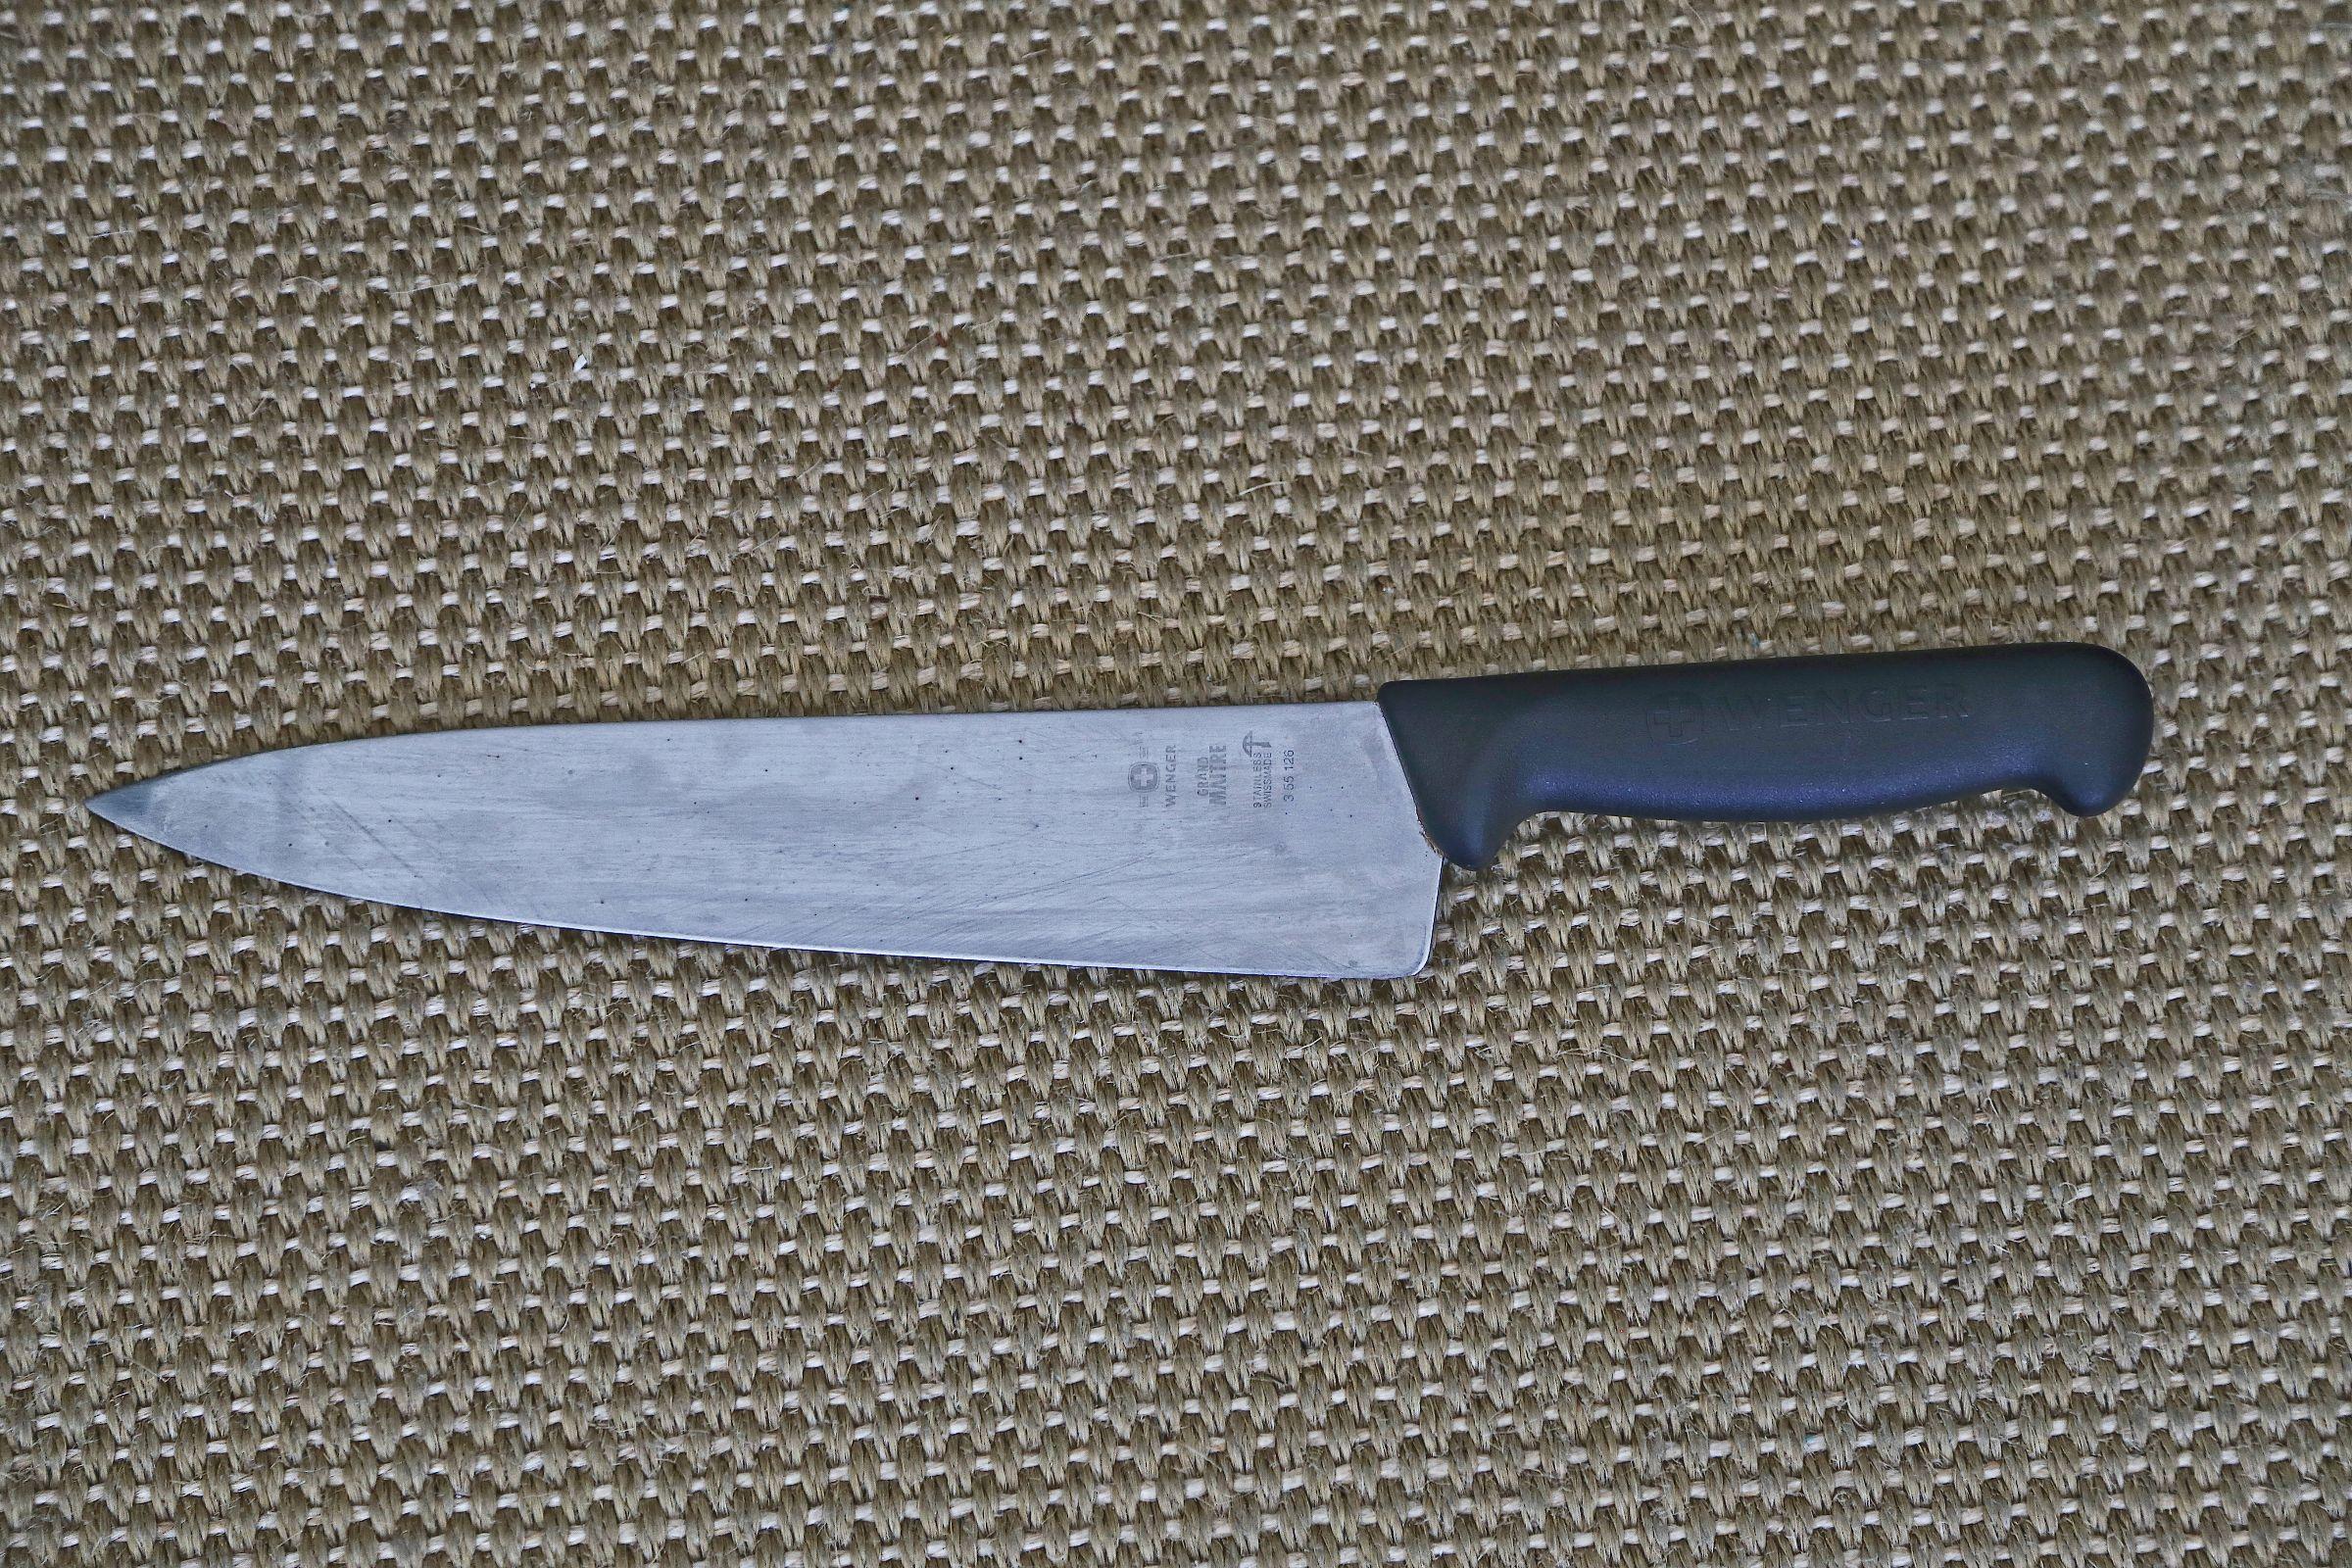 wenger grand maitre chef knife 250mm sharp knife